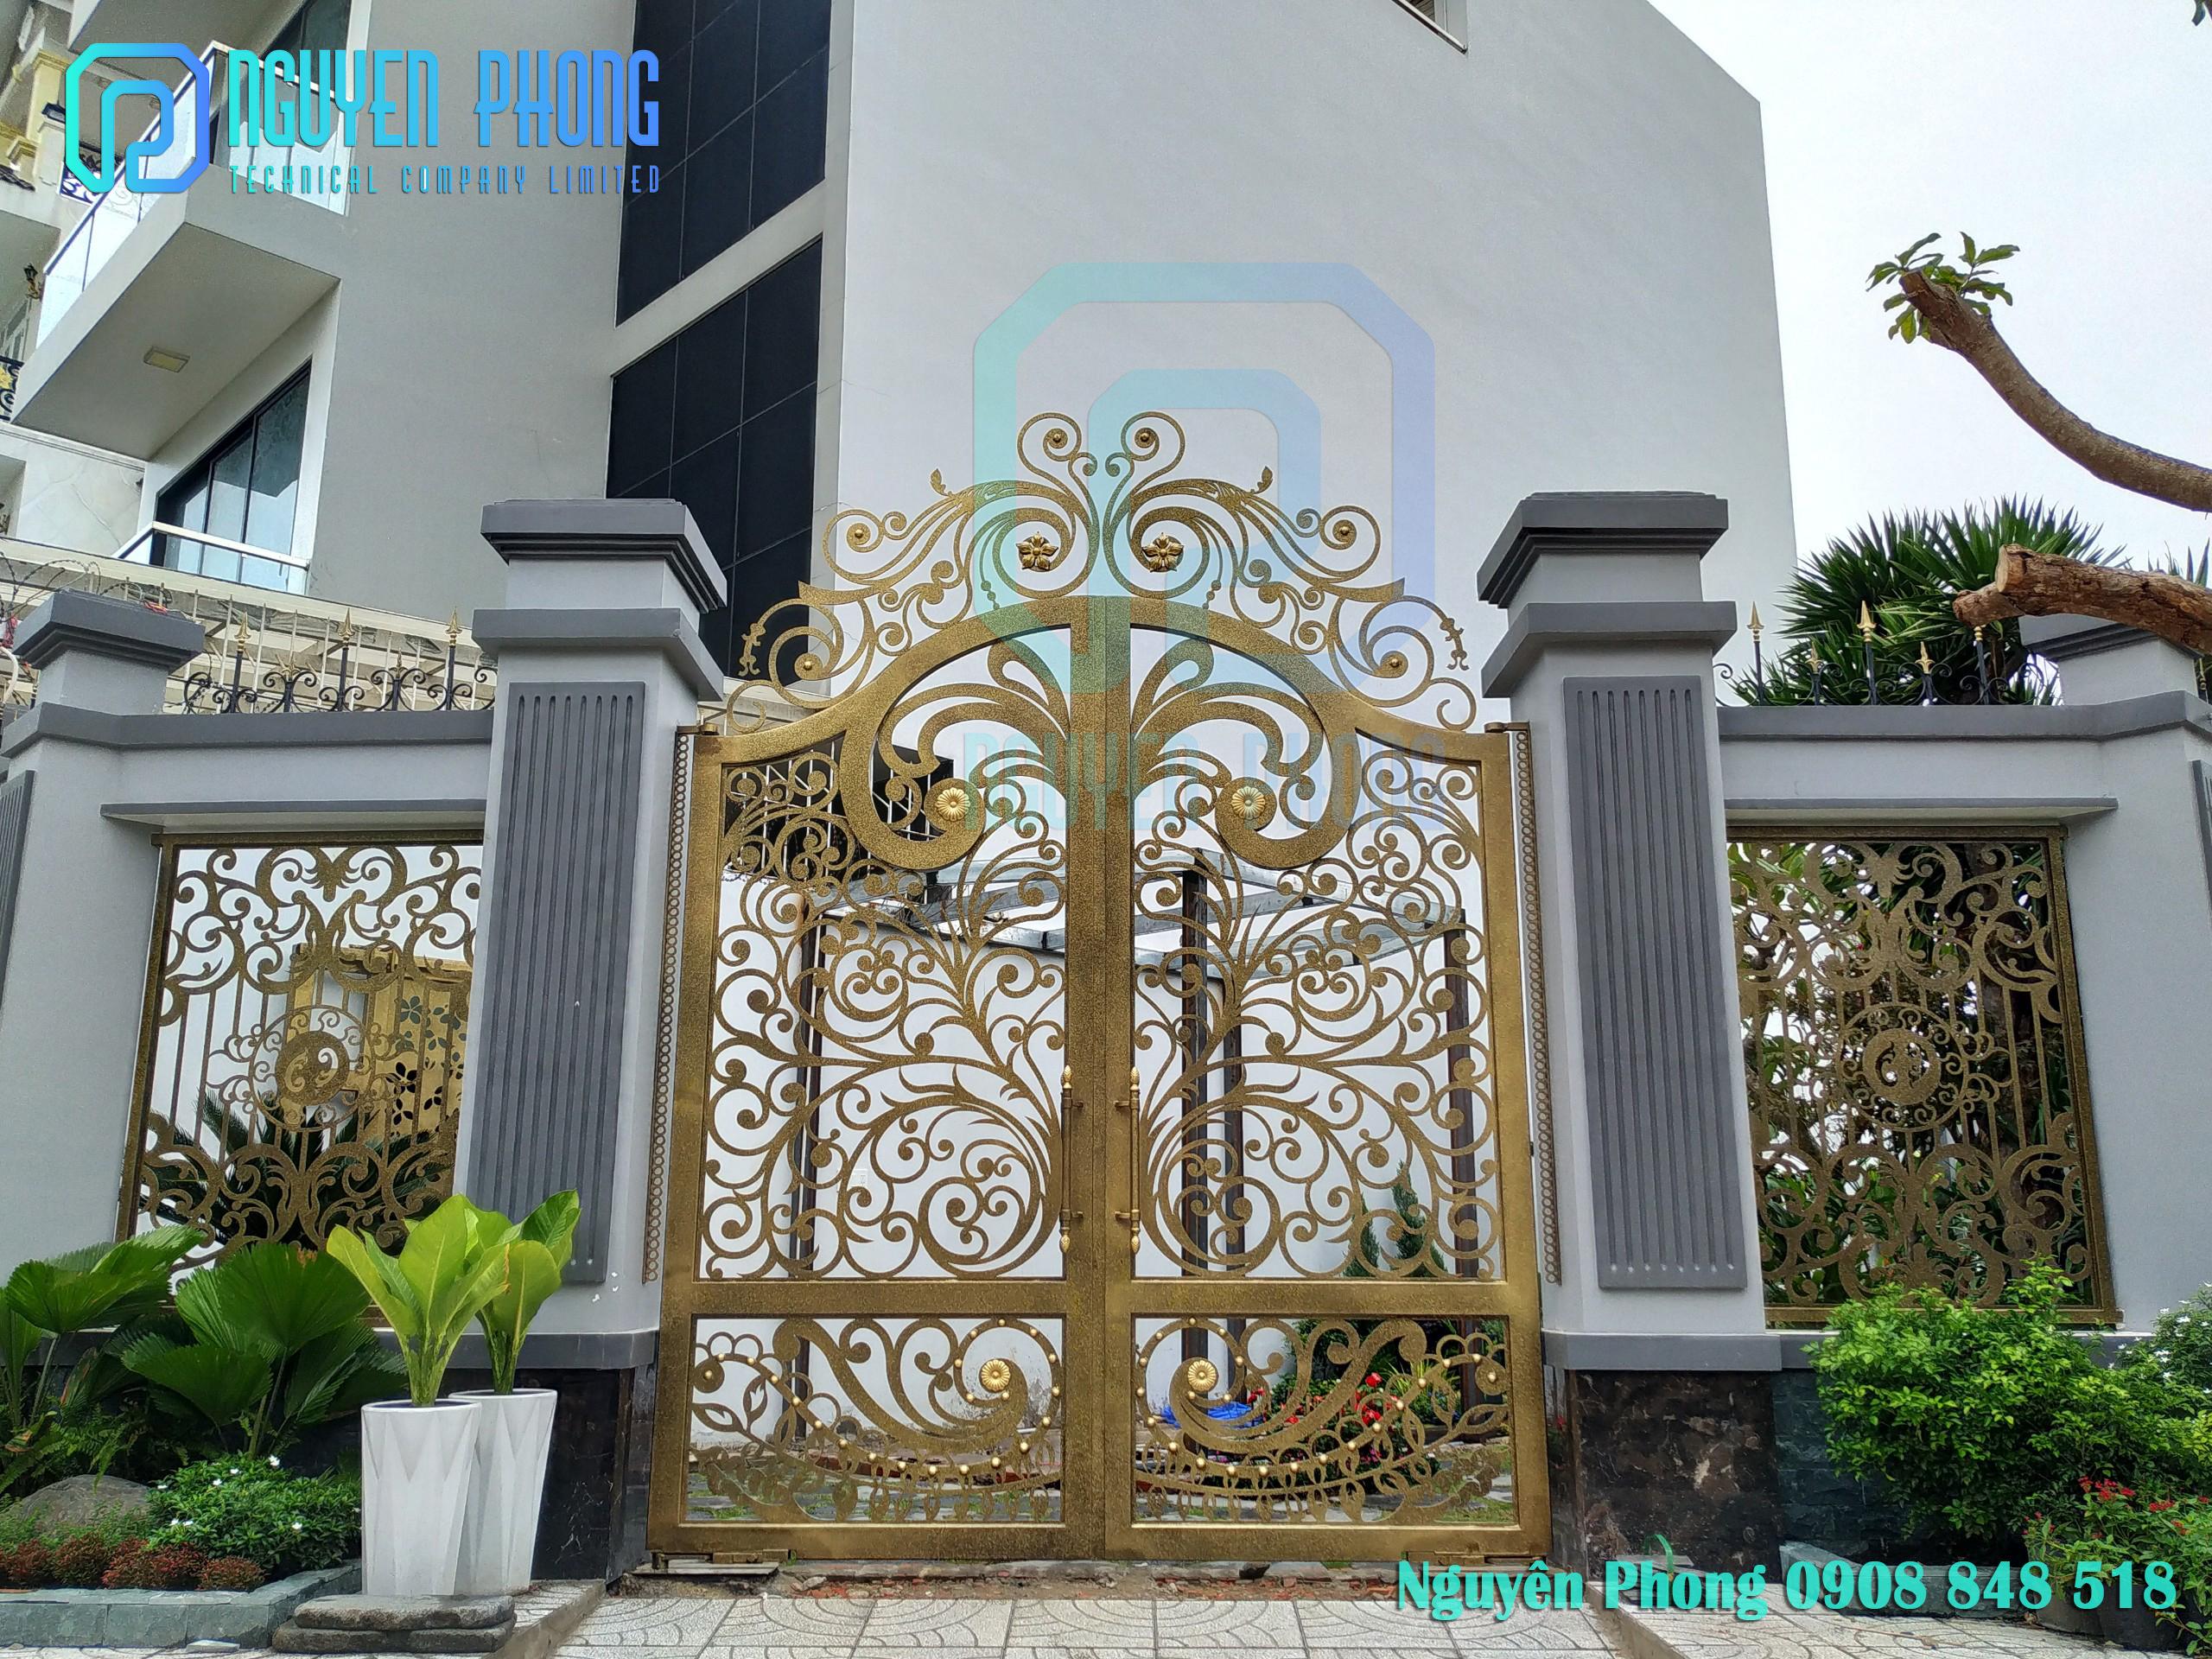 Cửa đi, cửa cổng 4 cánh hoa văn tùng cúc trúc mai đẹp, sơn epoxy 2 thành phần 4 lớp cao cấp